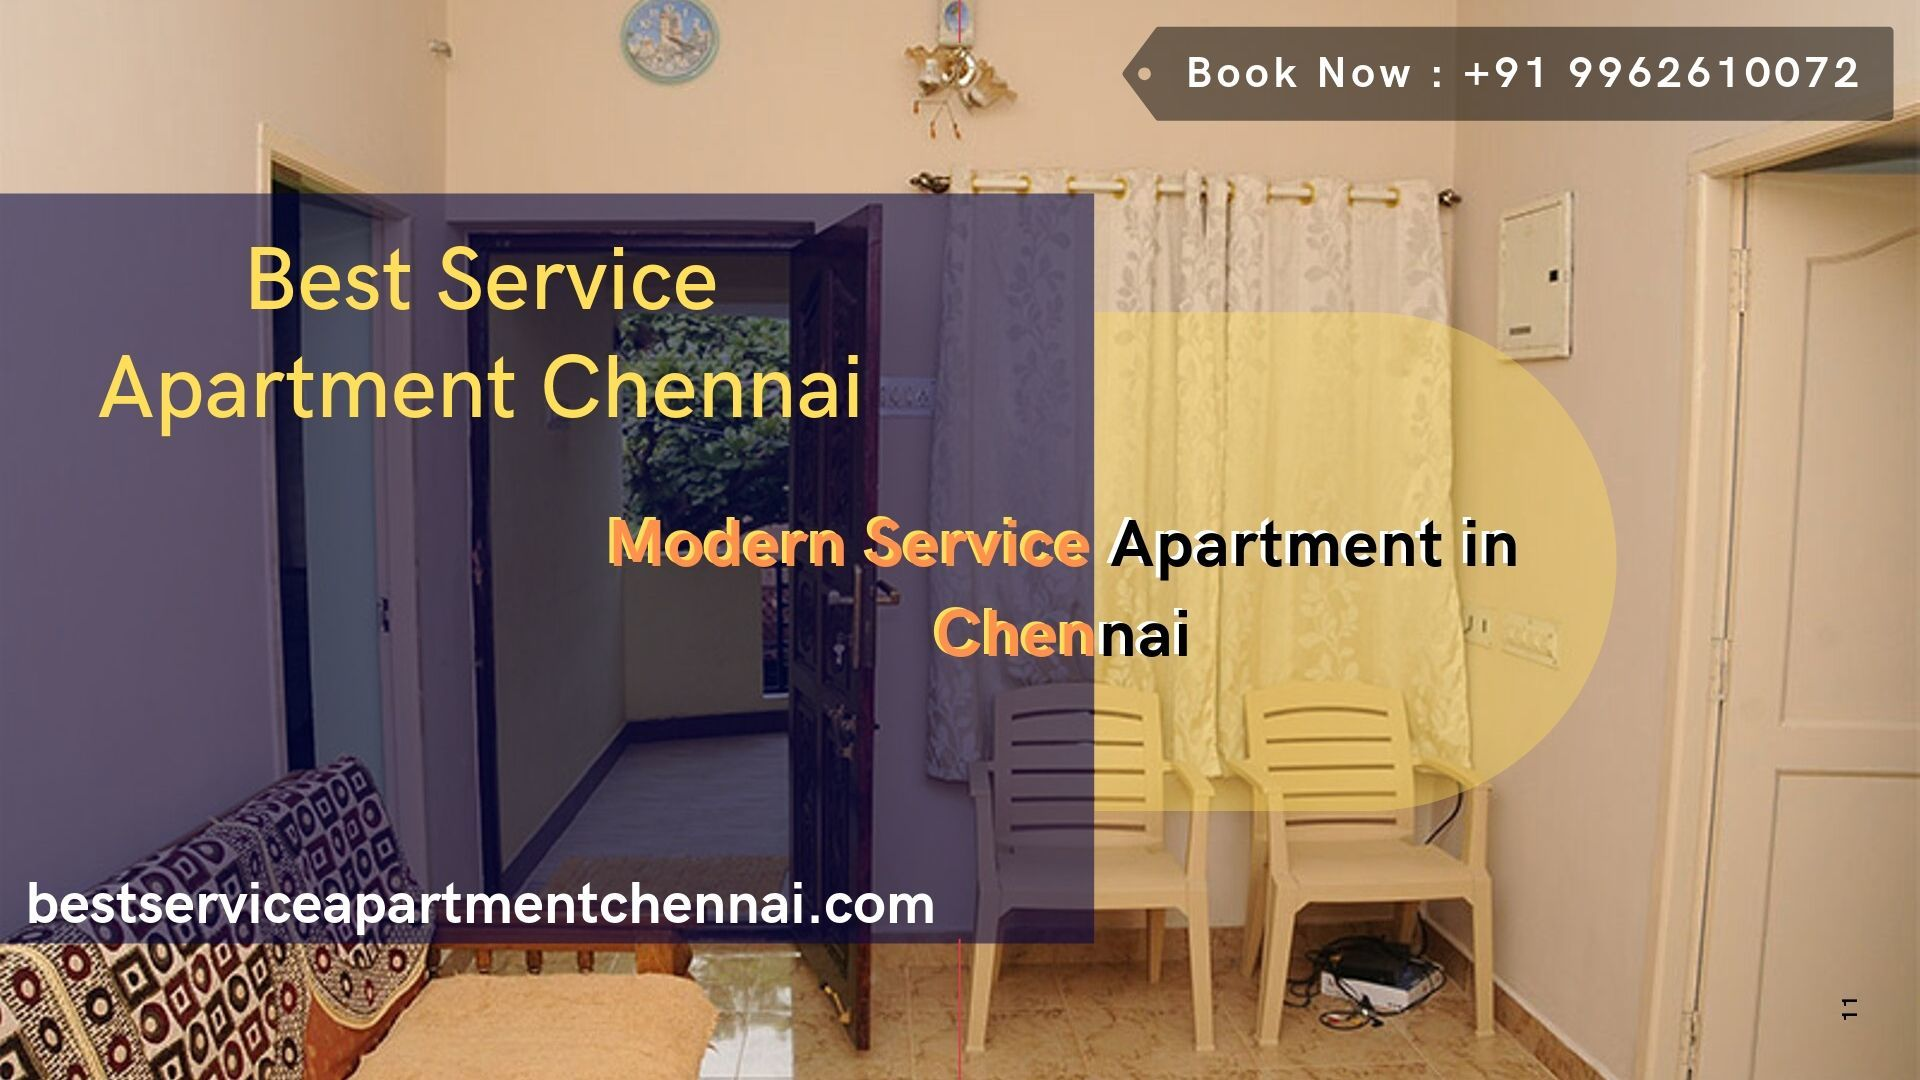 Modern Service Apartment in Chennai